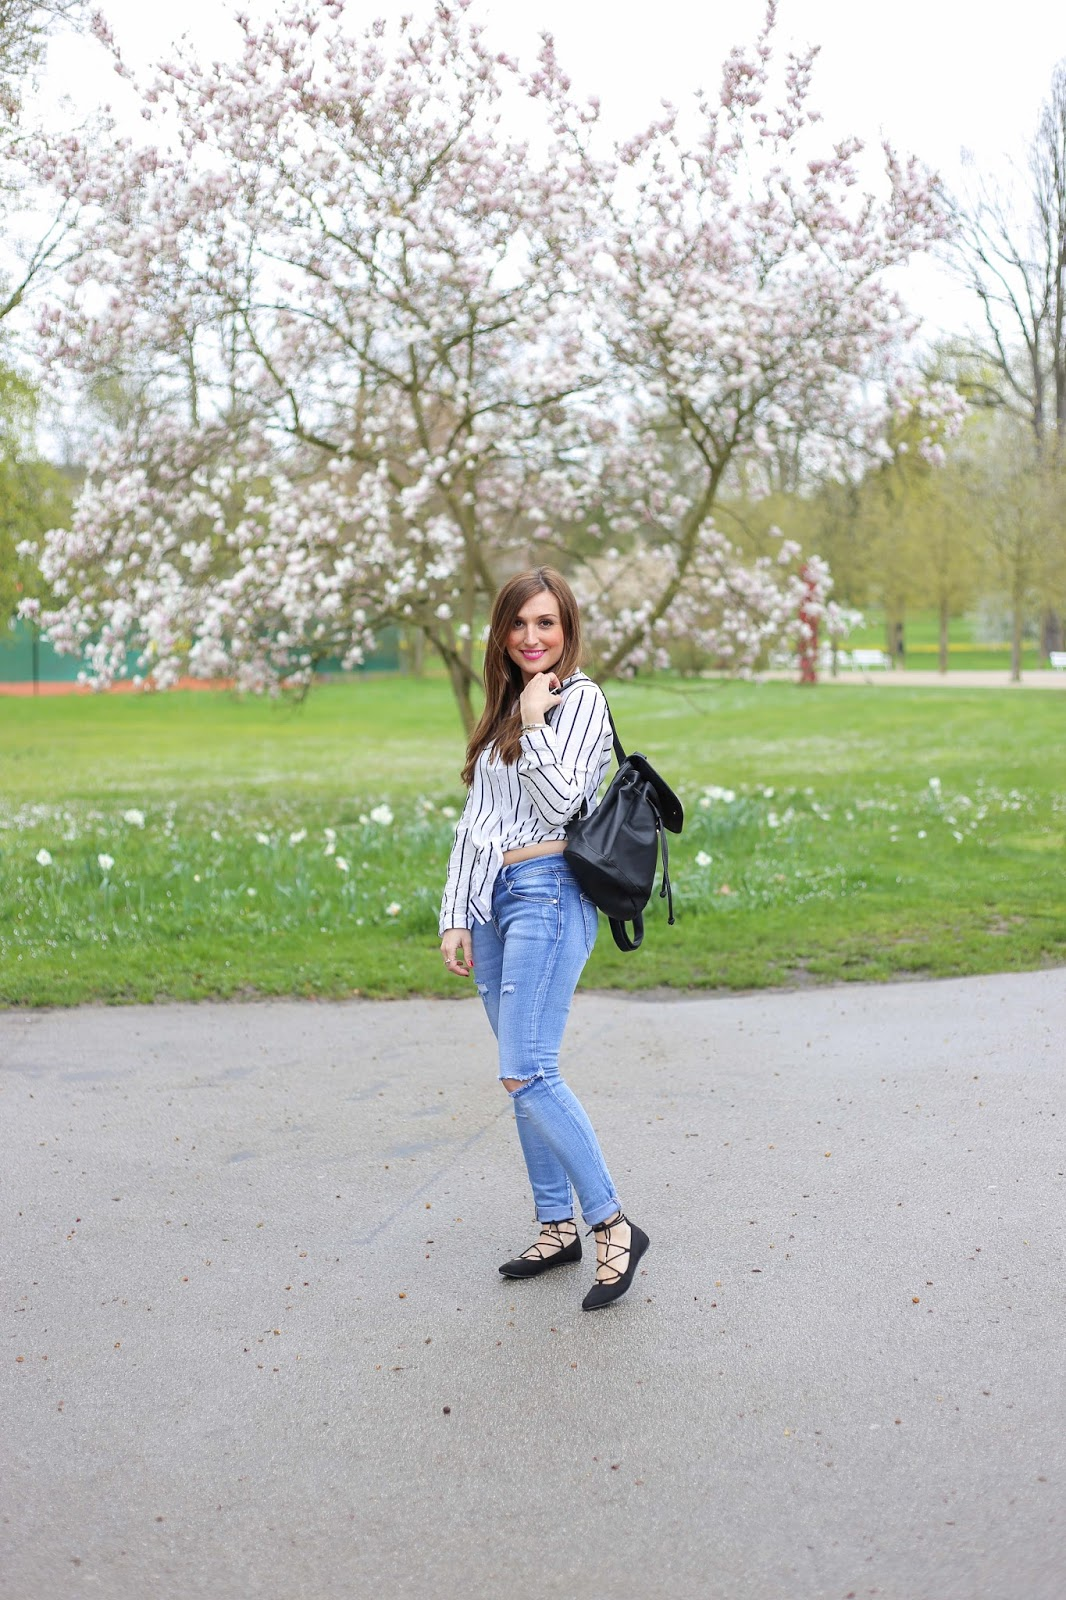 Blogger mit Streifenbluse - Blogger mit Bauchfreiem Oberteil - Spitze Flats - Blogger Outfitinspiration - Düsseldorf Blogger